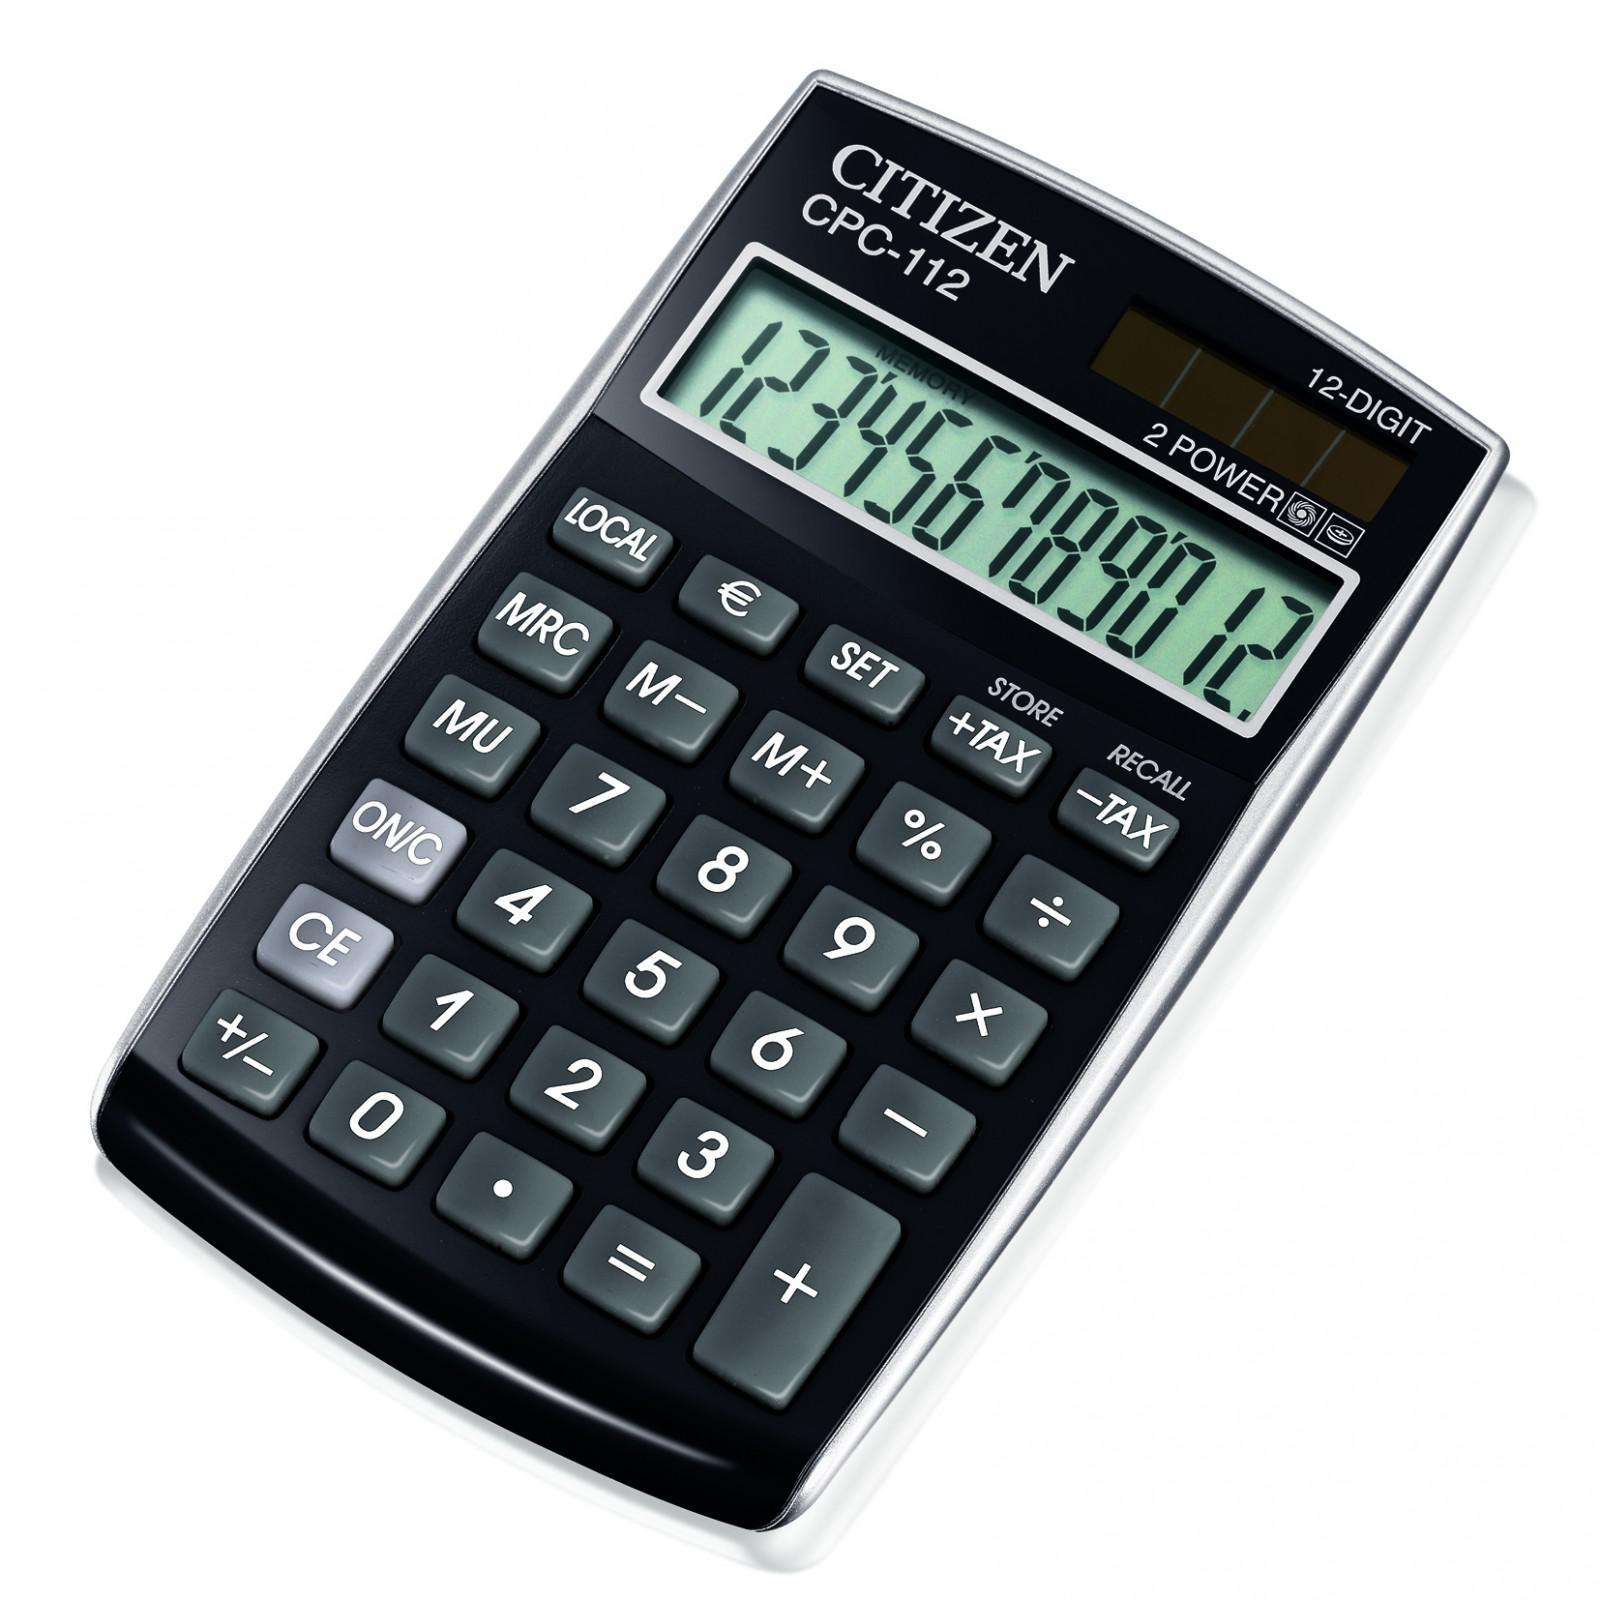 CitizenRäknare CPC 112 Svart